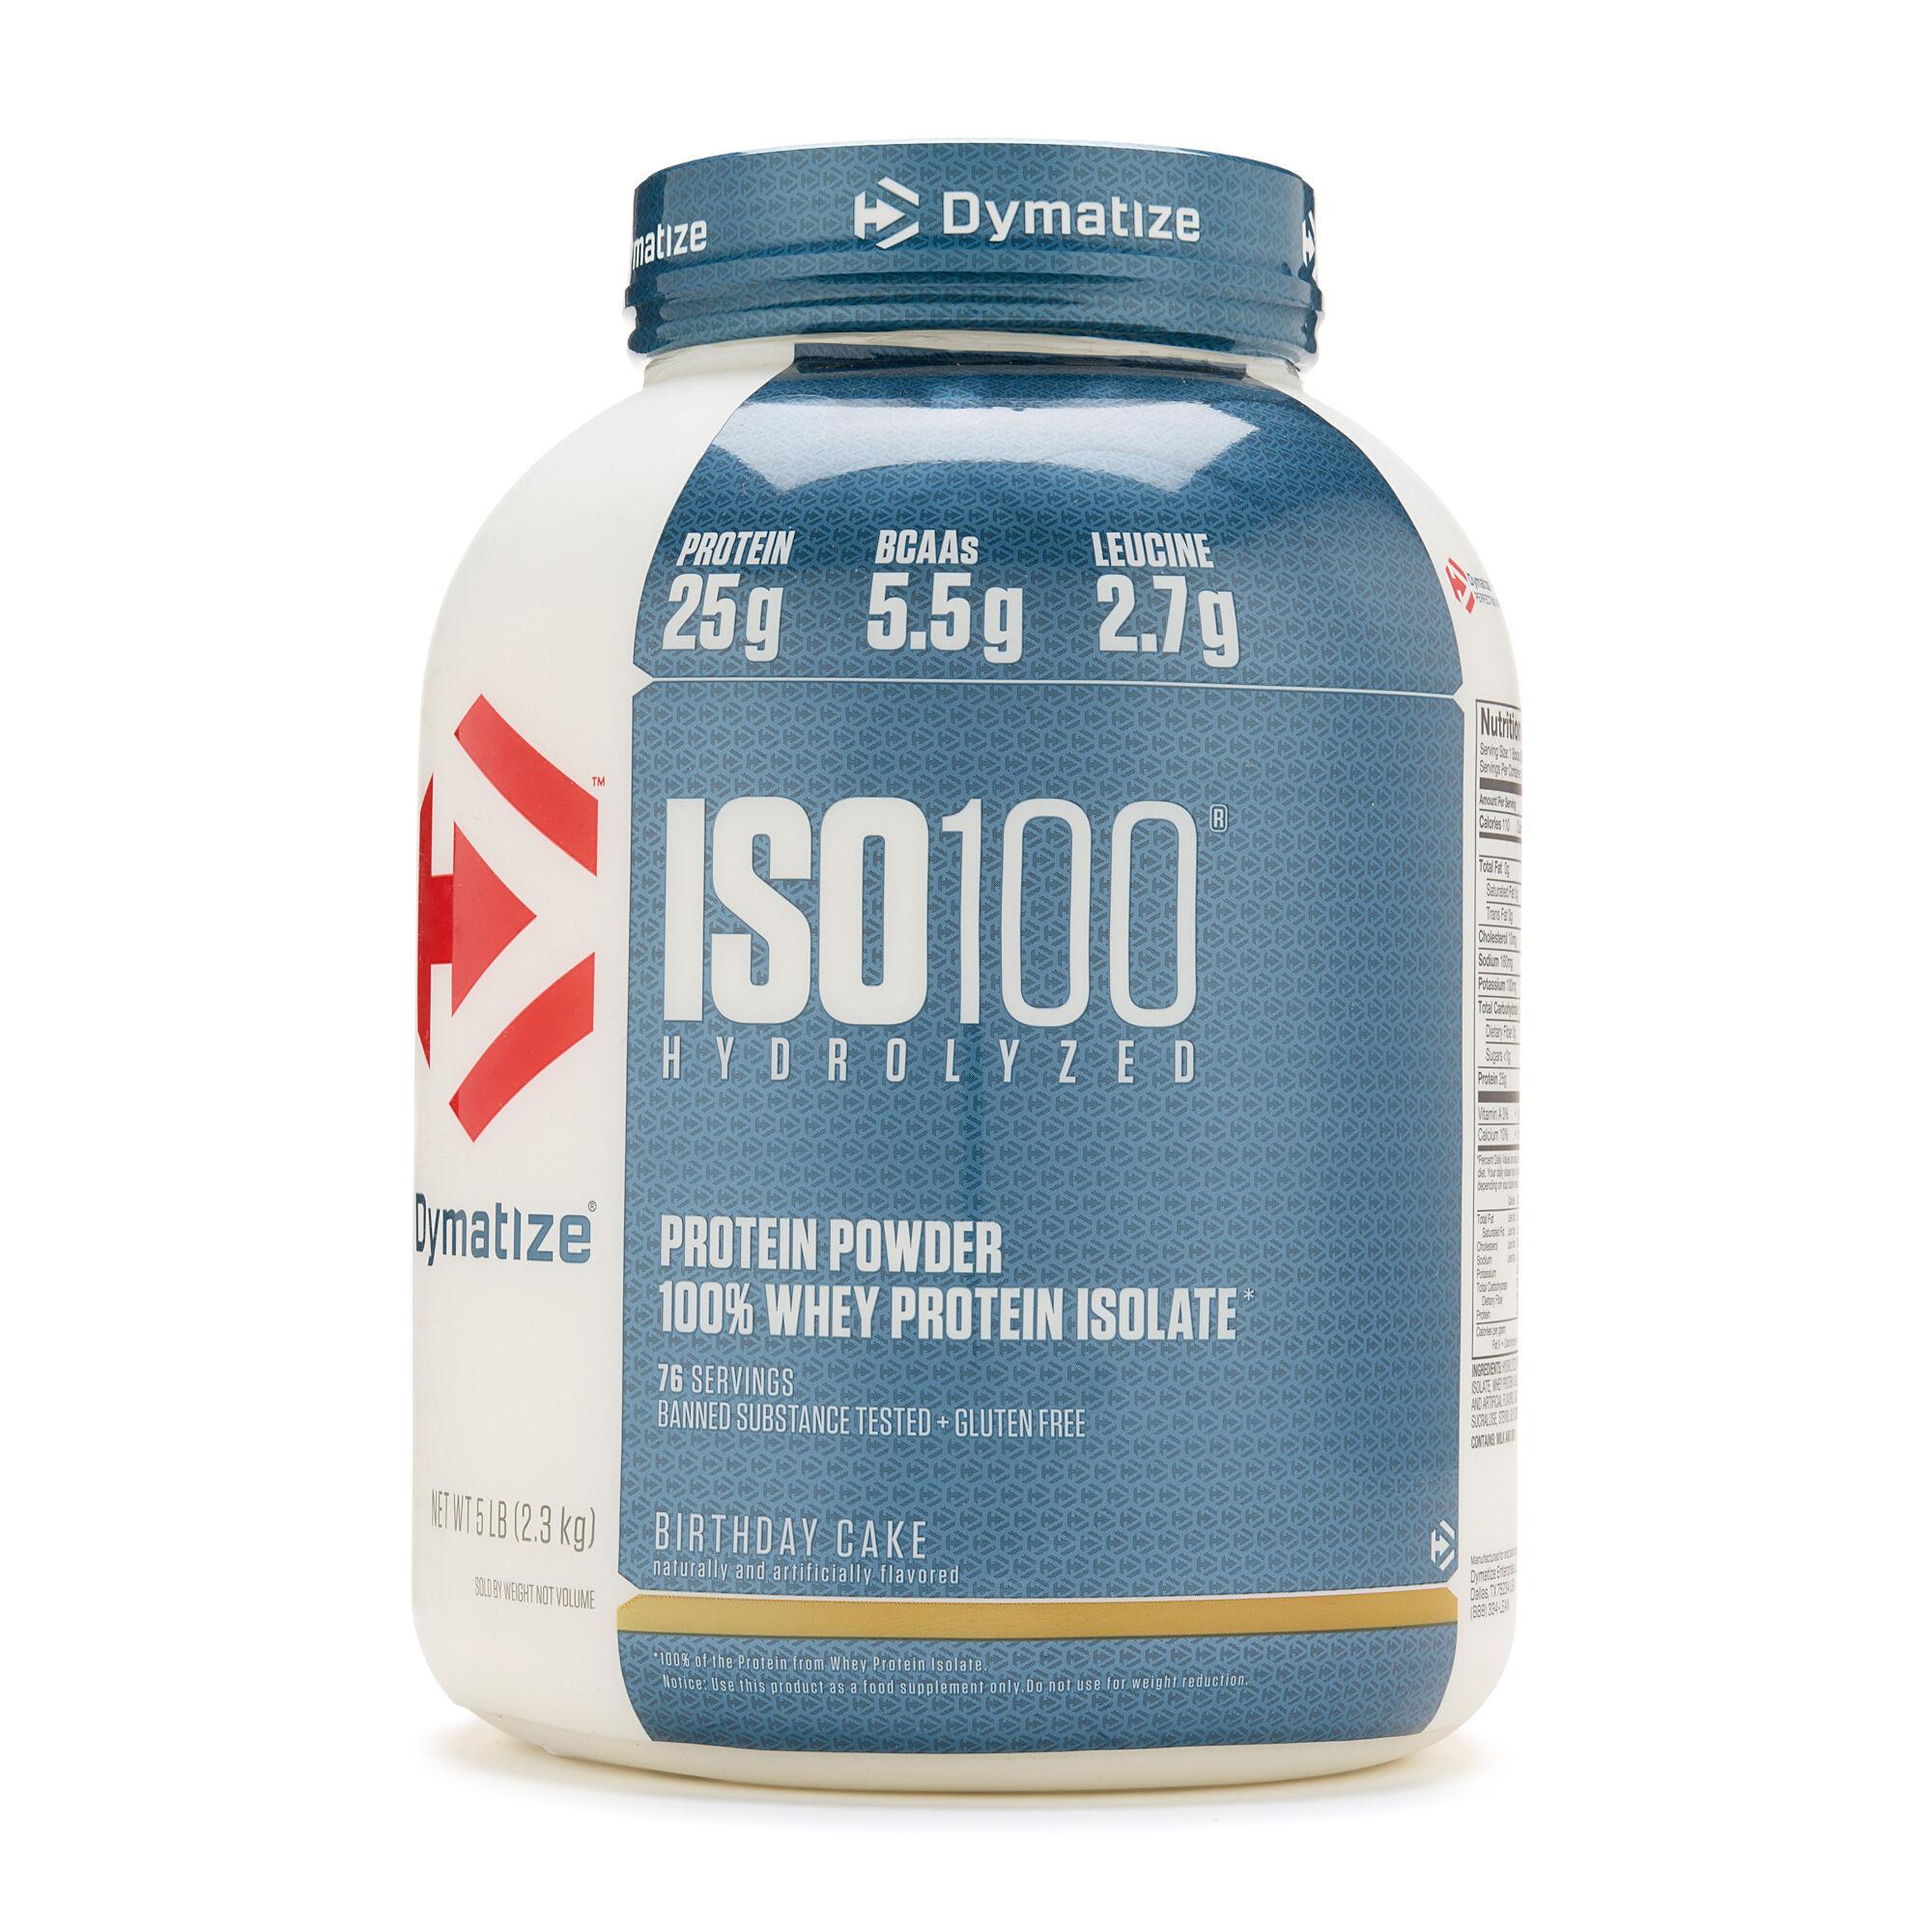 DymatizeR Nutrition ISOo100R